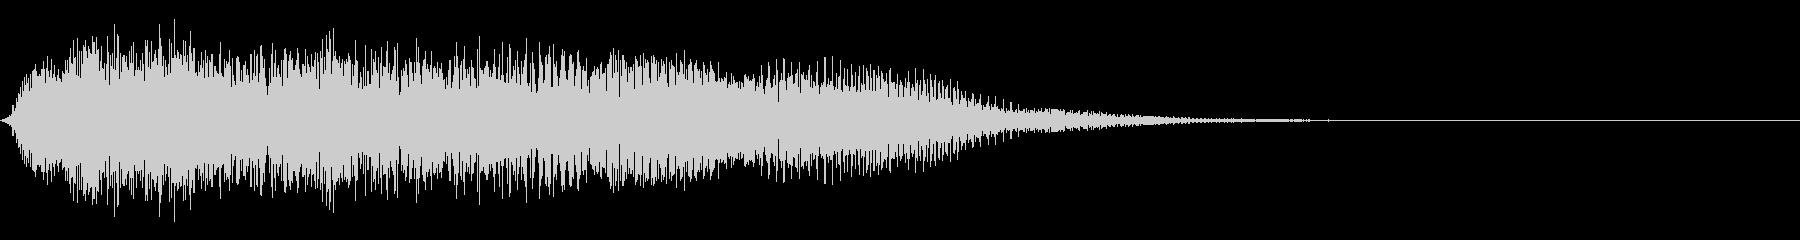 ドラマティックオーケストラランダウ...の未再生の波形